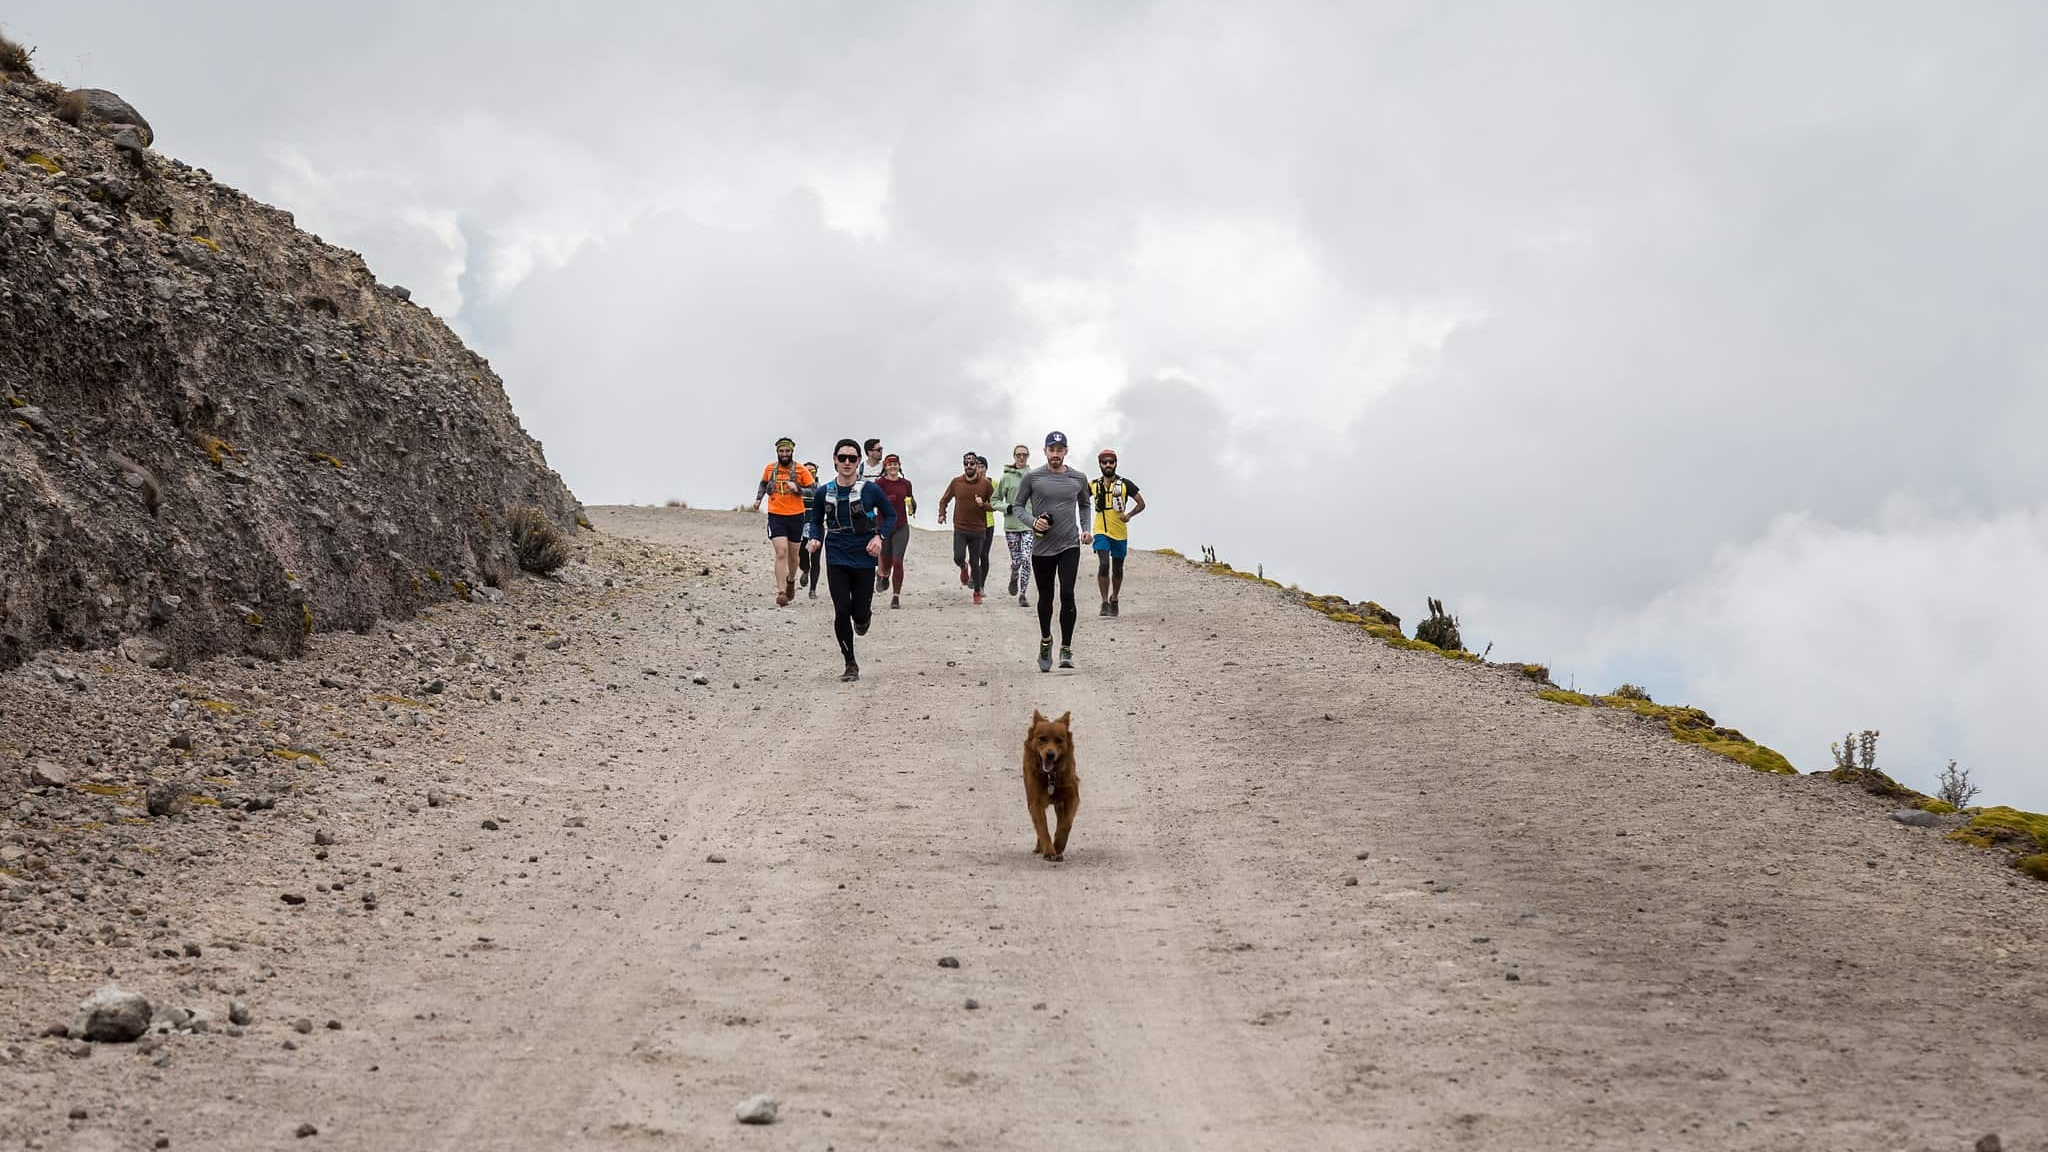 Mexico City valcano running getaway